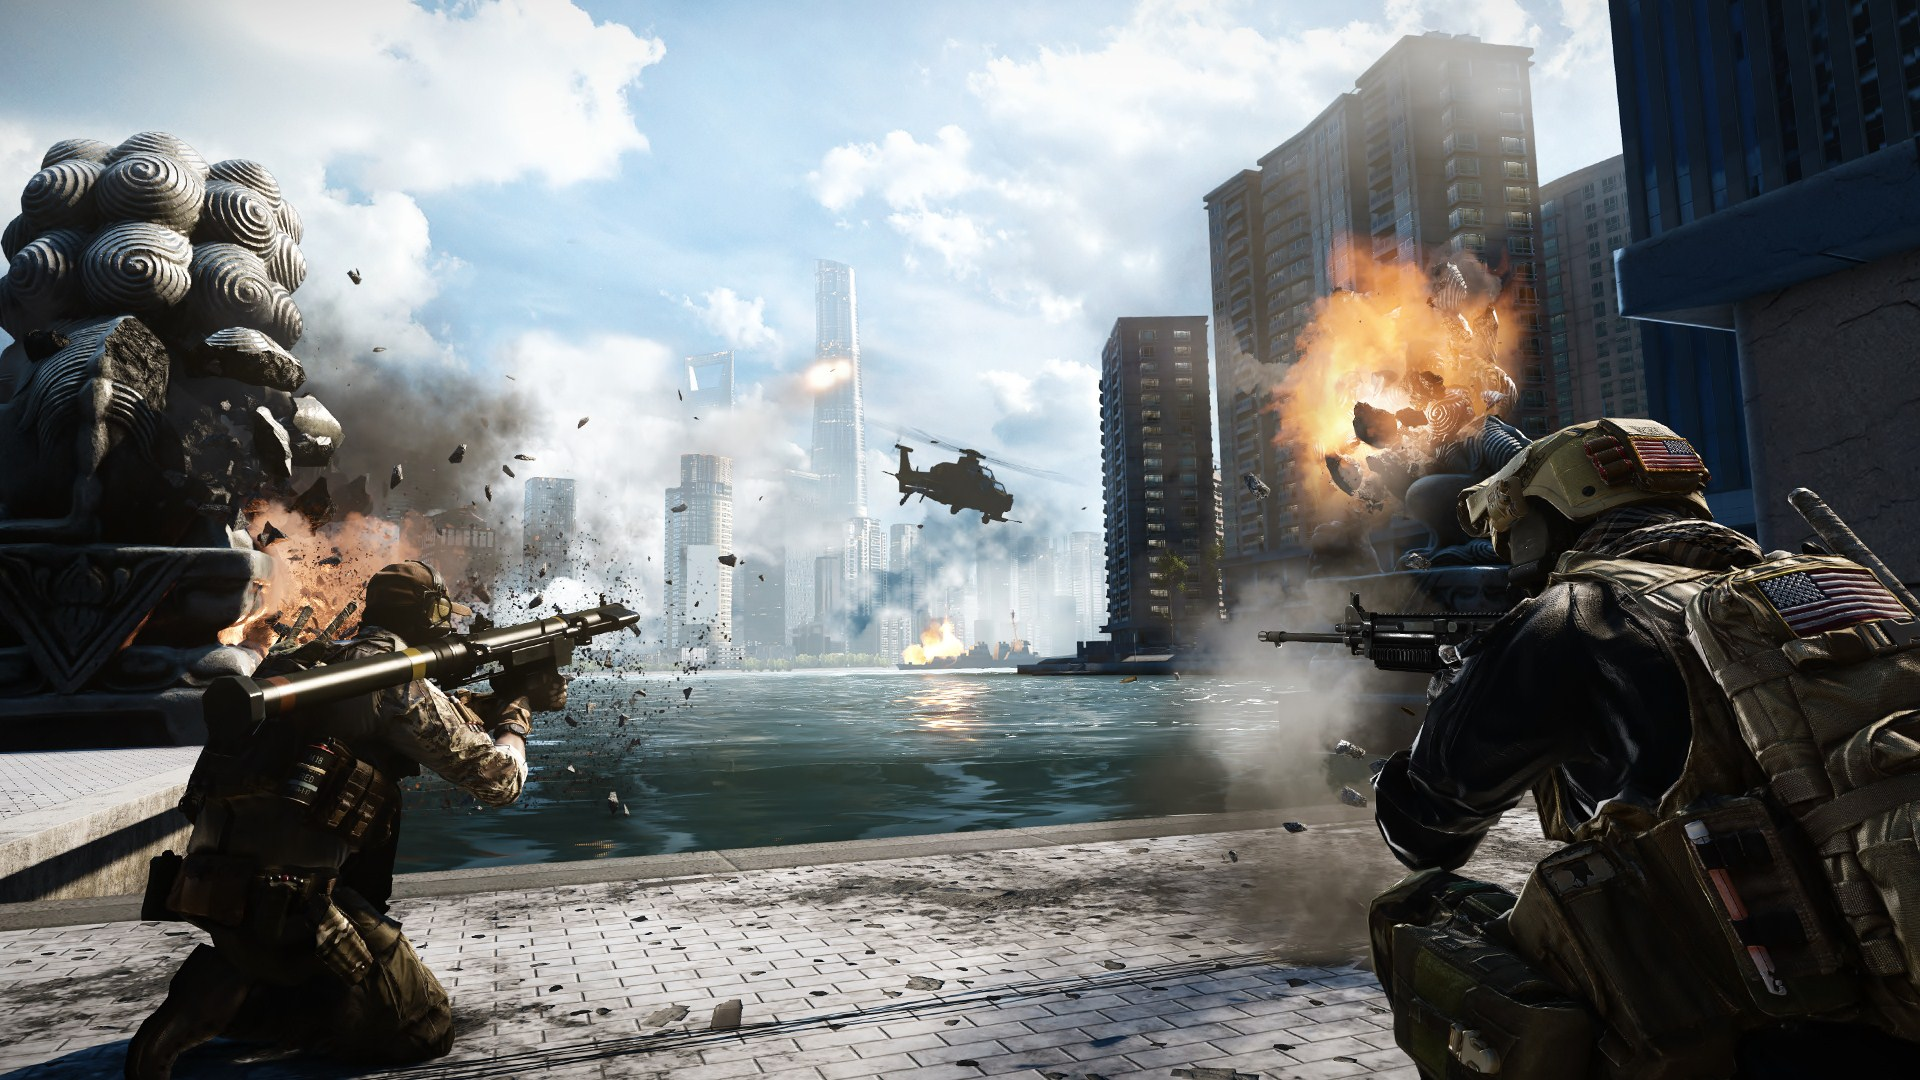 Battlefield 1 War Video Game Hd Wallpaper: Video Game Battlefield 4 War Game Hd Wallpaper Wallpaper